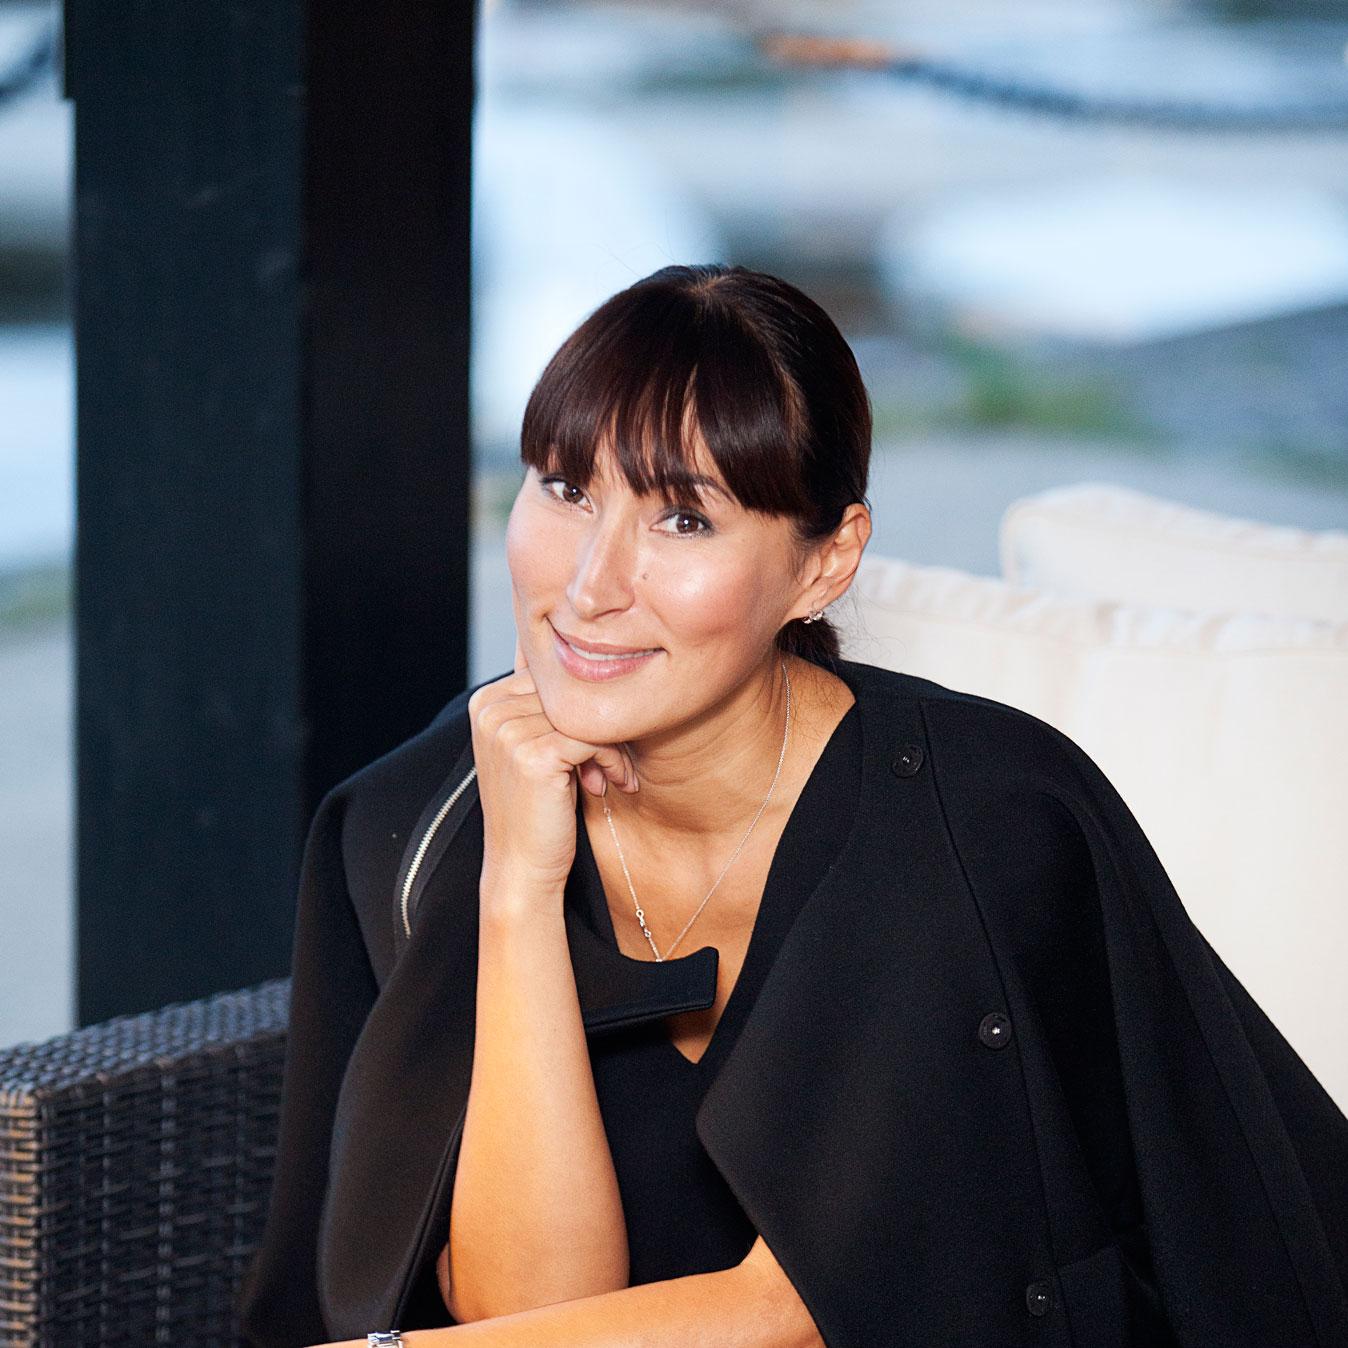 Елена Бадмаева - российский дизайнер одежды